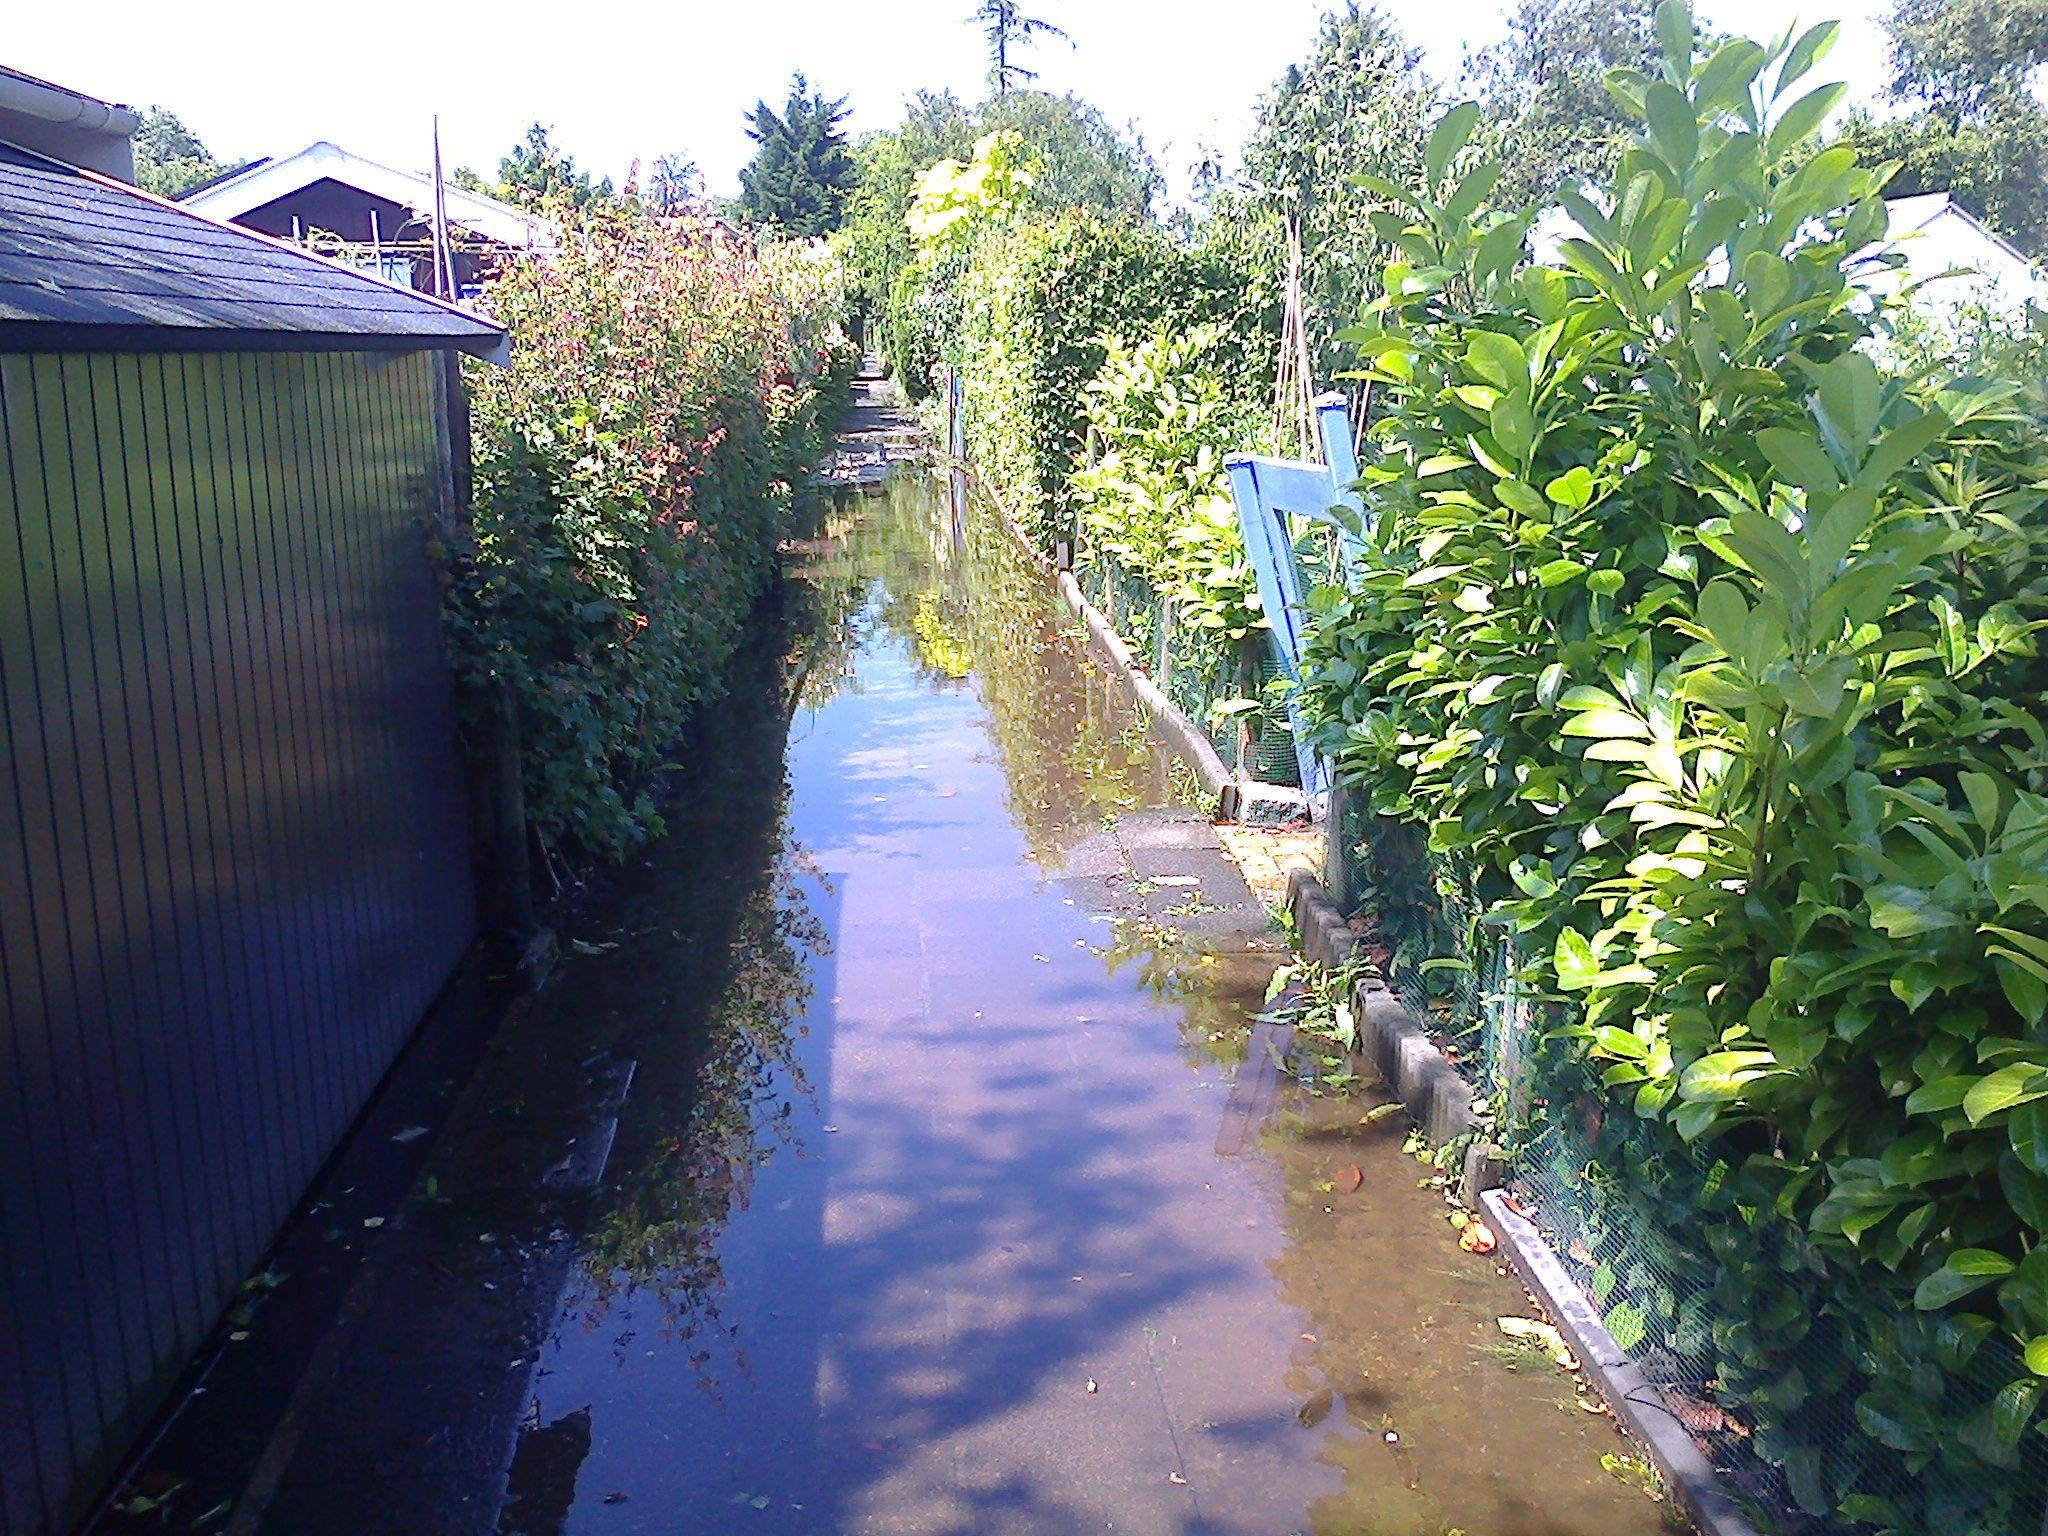 Wateroverlast Tuin Kleigrond : Verticale drainagebuizen leeuwenbergh tuinen